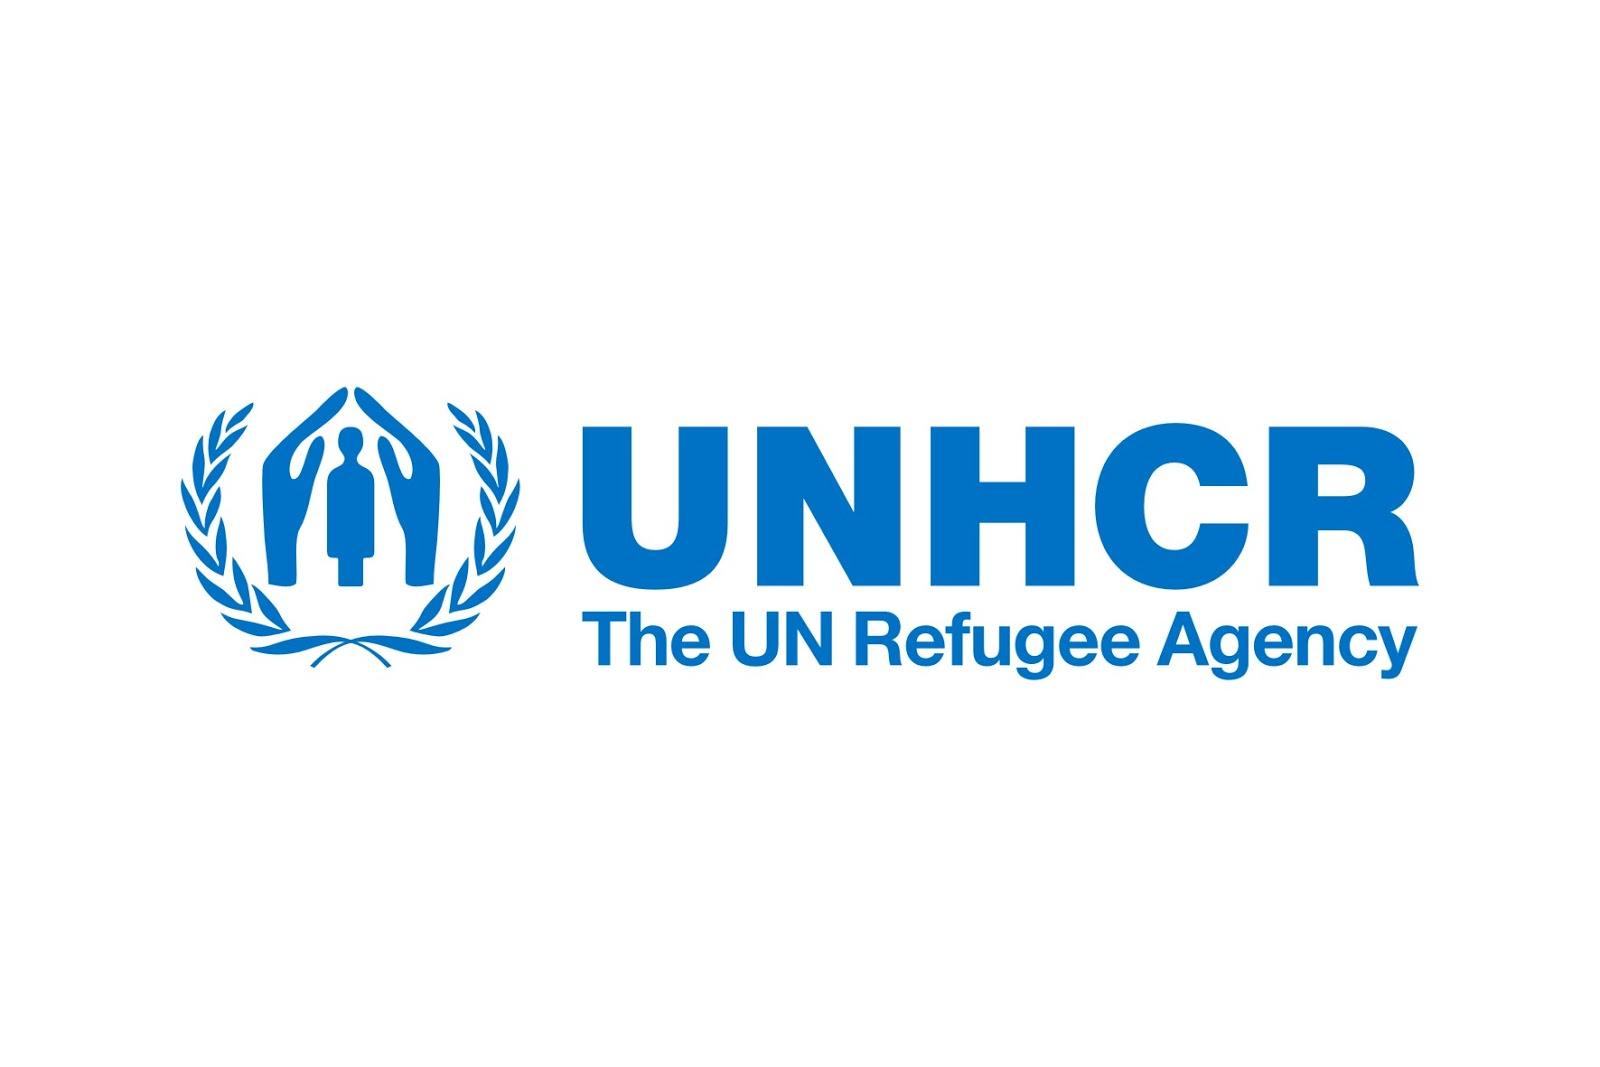 logo-unhcr-the-un-refugee-agency